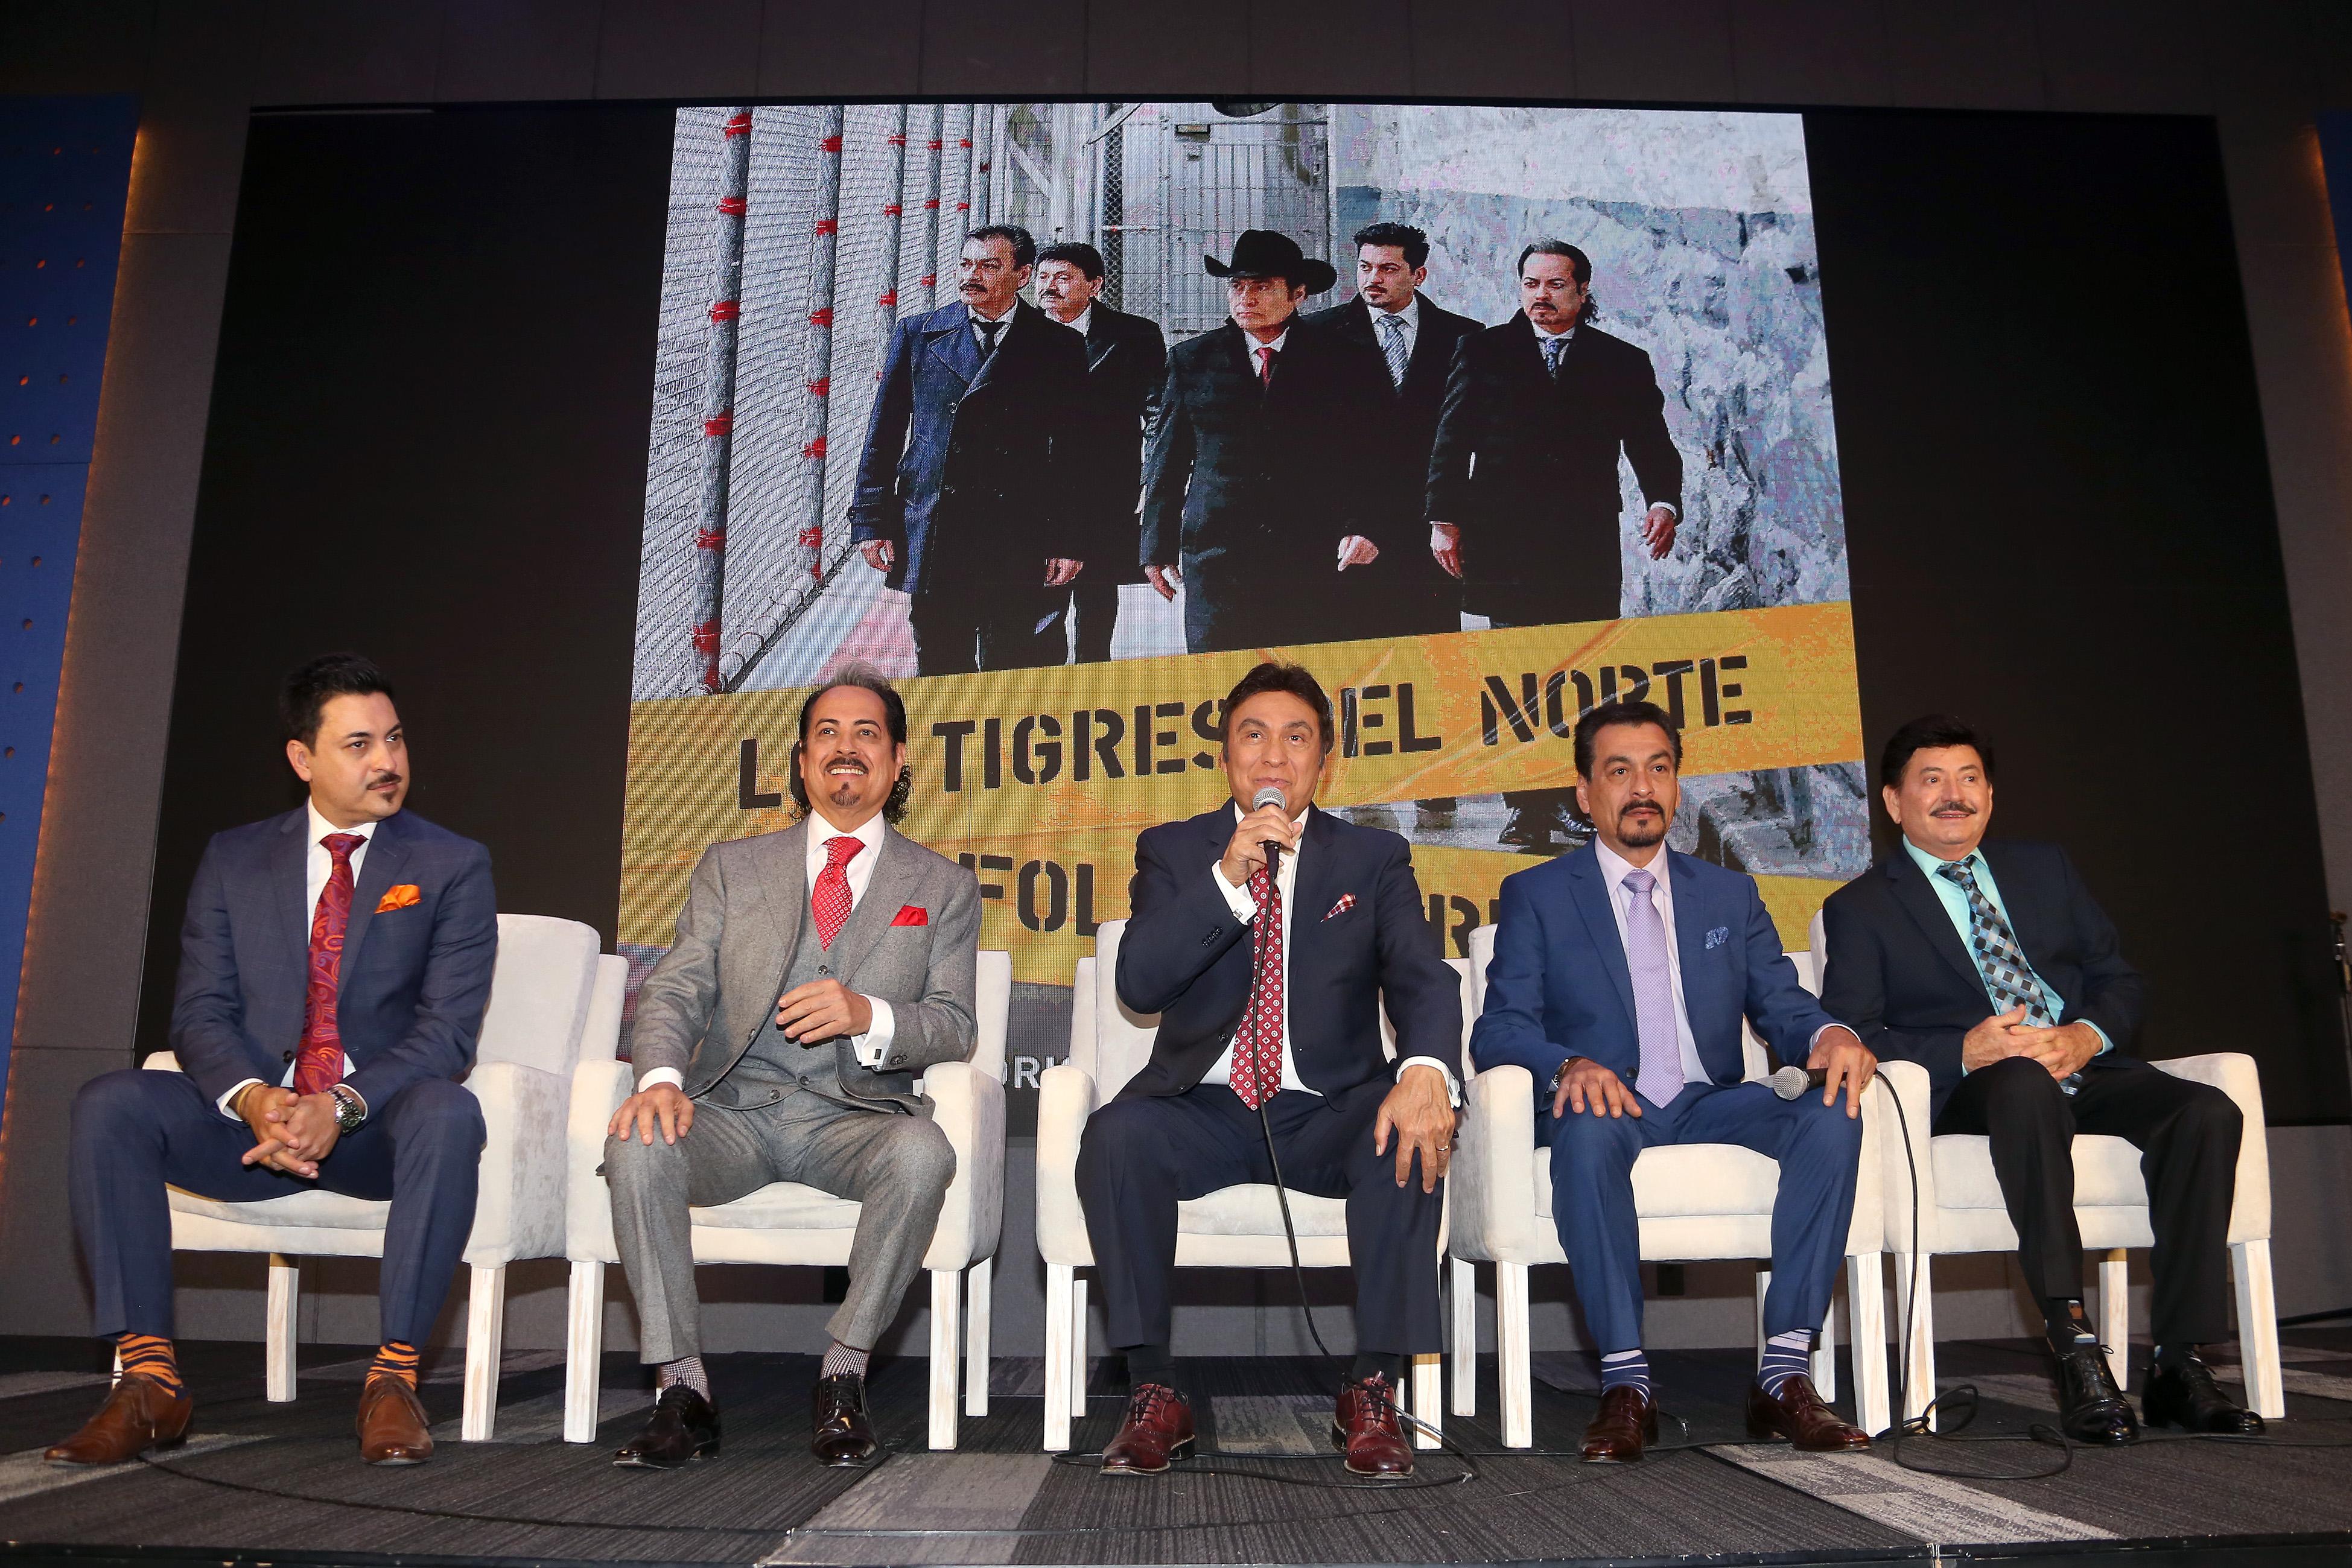 Tigres del Norte, Luis Hernández, Hernán Hernández, Jorge Hernández, Eduardo Hernández, Oscar Lara